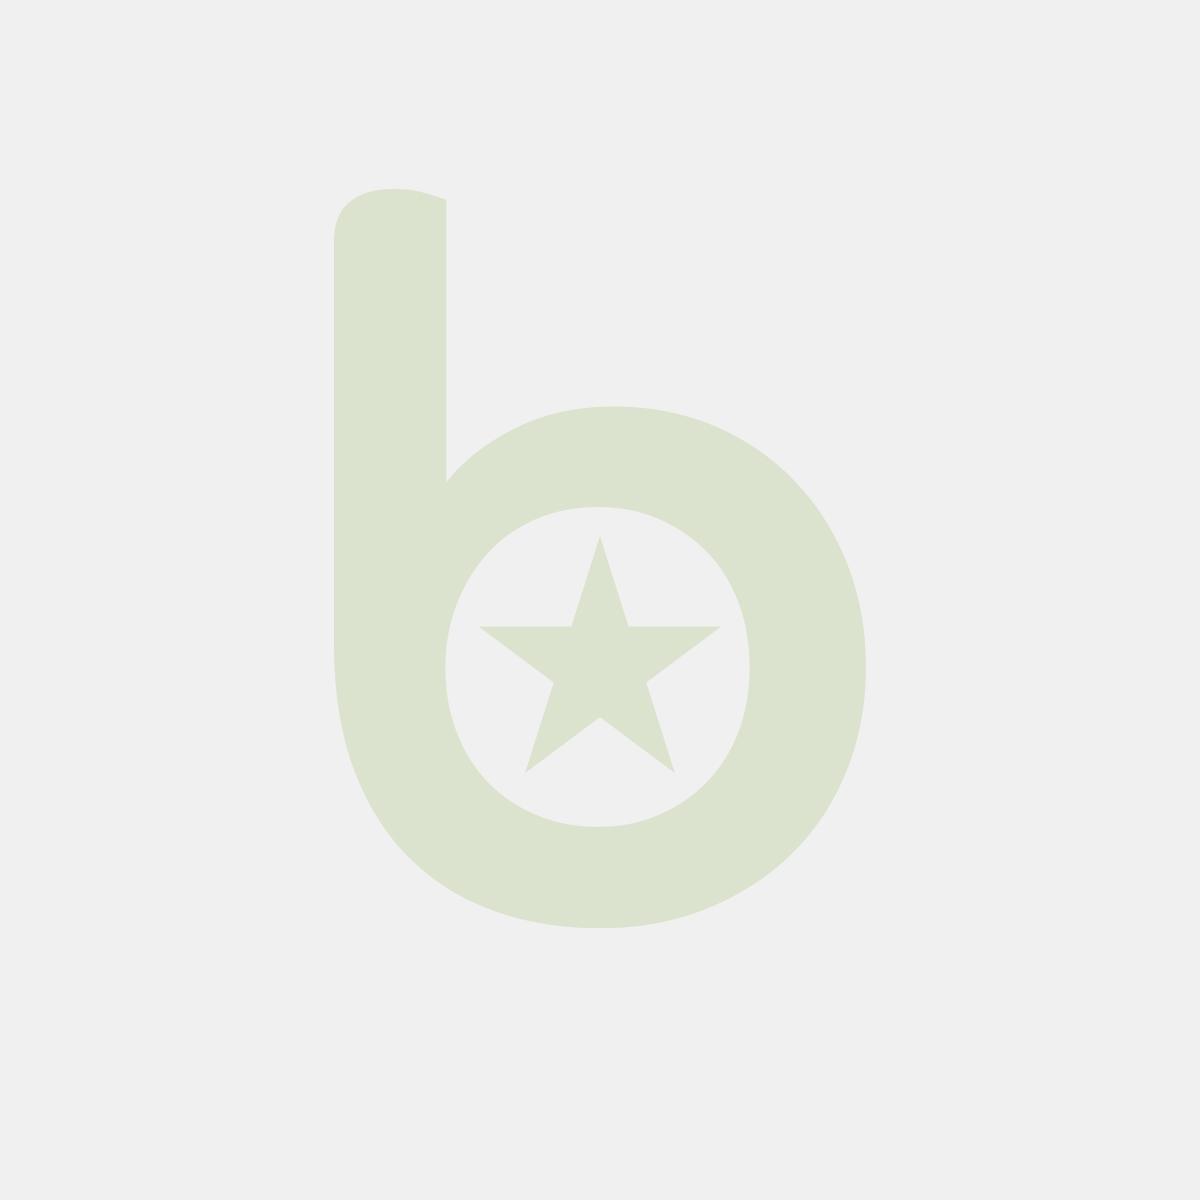 Miseczka FINGERFOOD 'Tulipan' czarna, śr/wys: 6,4/4,5 cm, PS, 25 szt. w opakowaniu